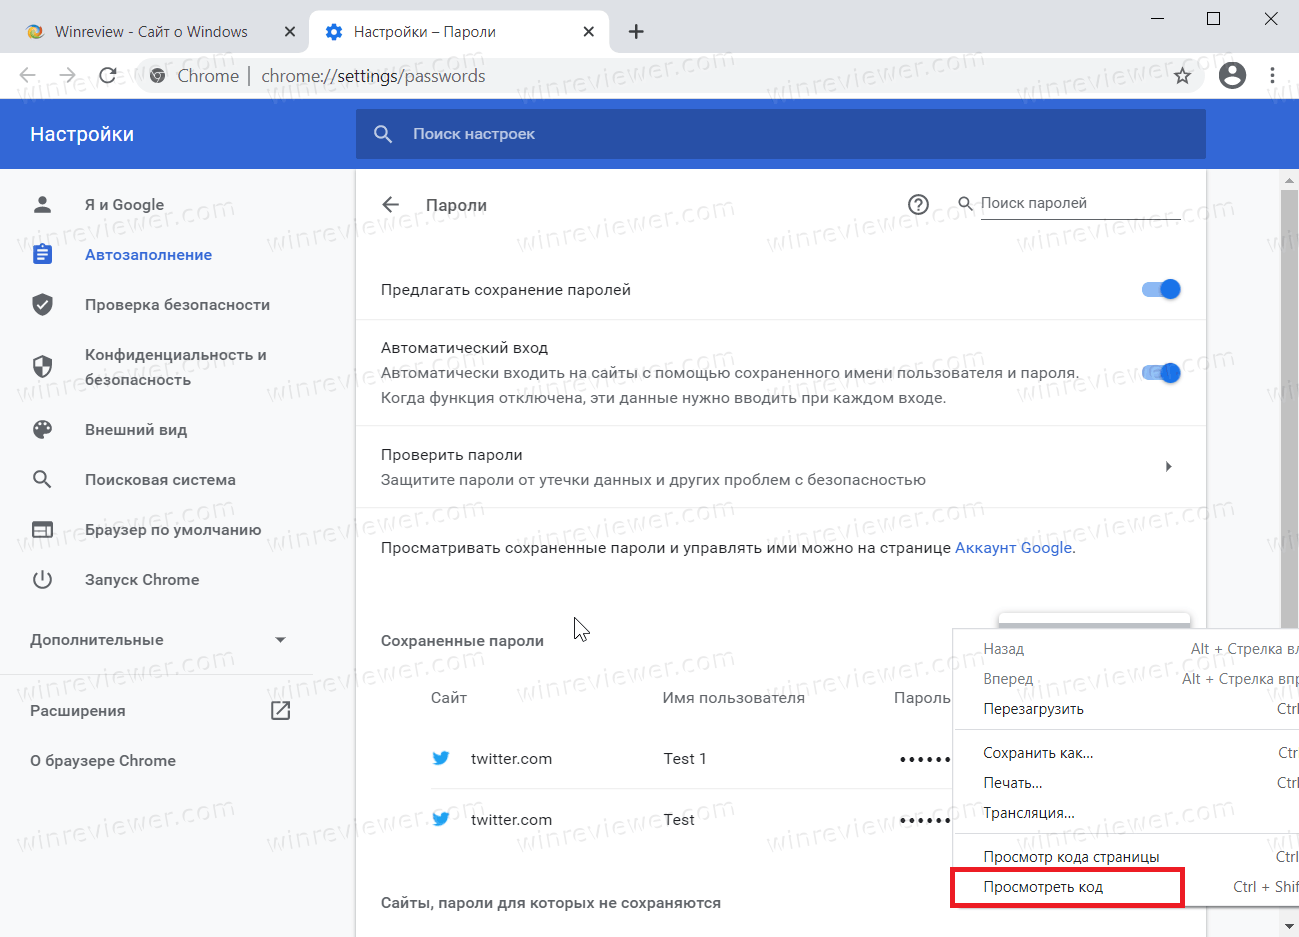 Импортировать пароли из CSV-файла в Chrome